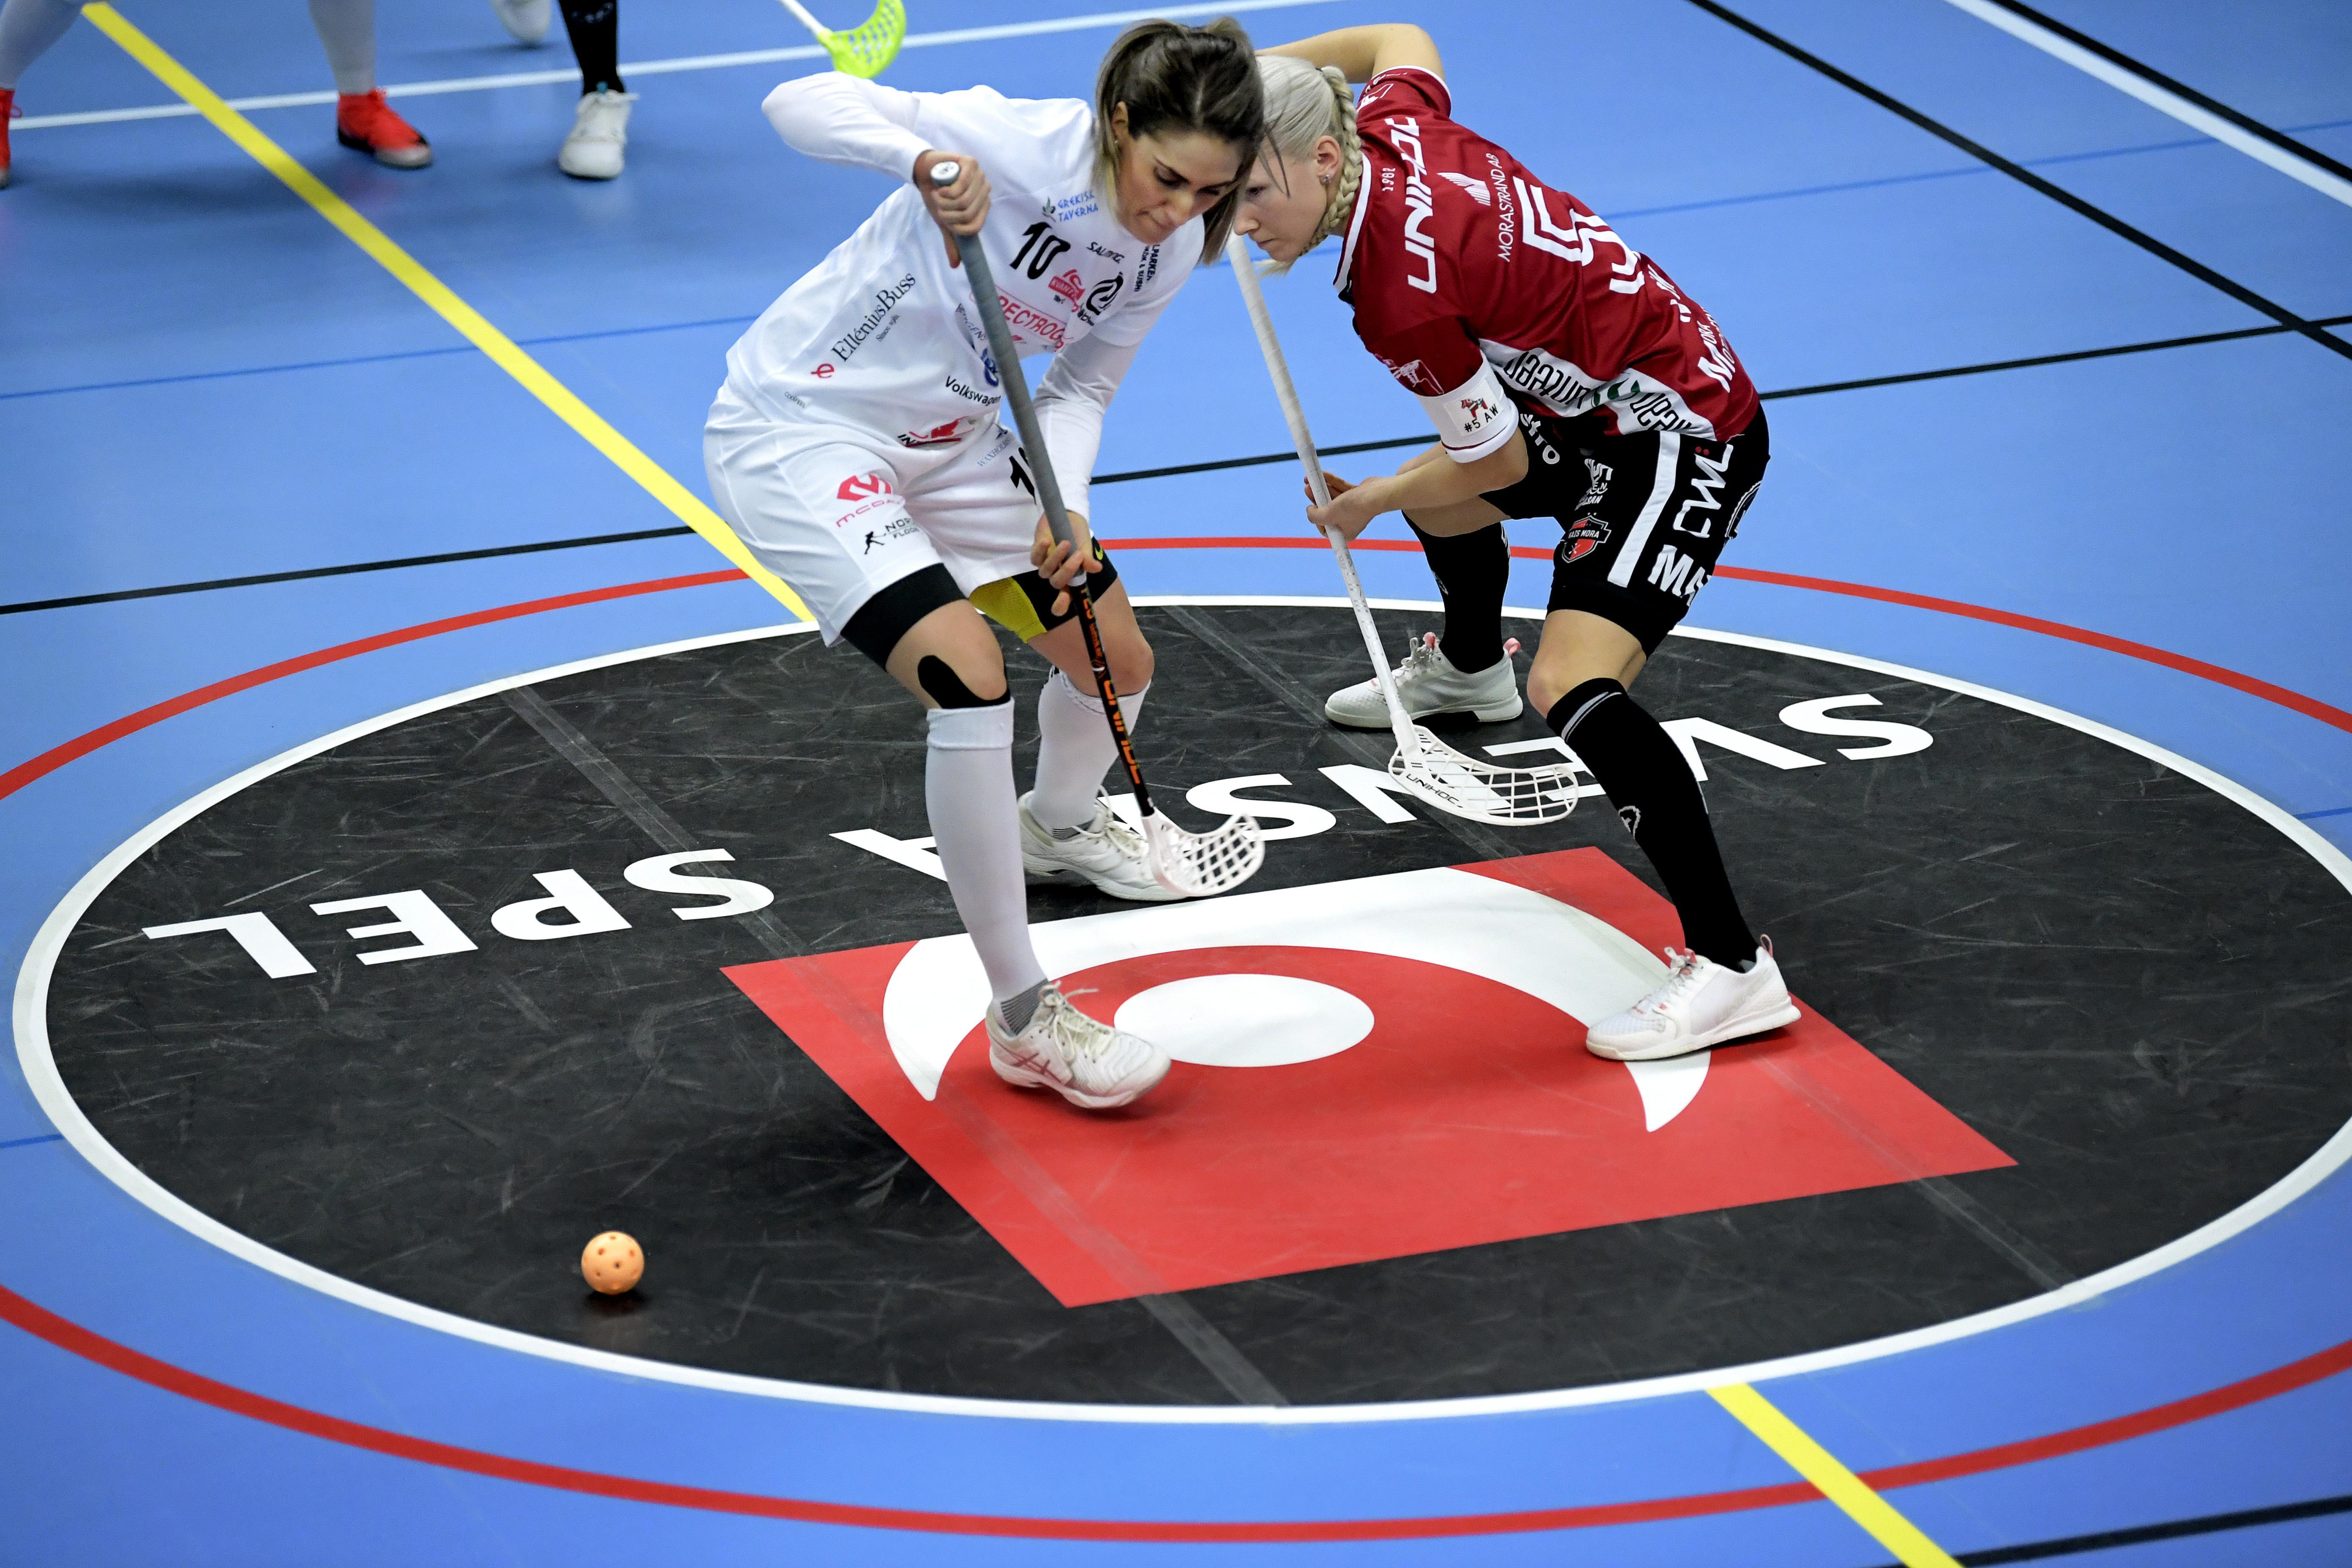 Ranja Varli och Anna Wijk tekar under ett möte lagen emellan tidigare den här säsongen. Bild: Janerik Henriksson/TT.